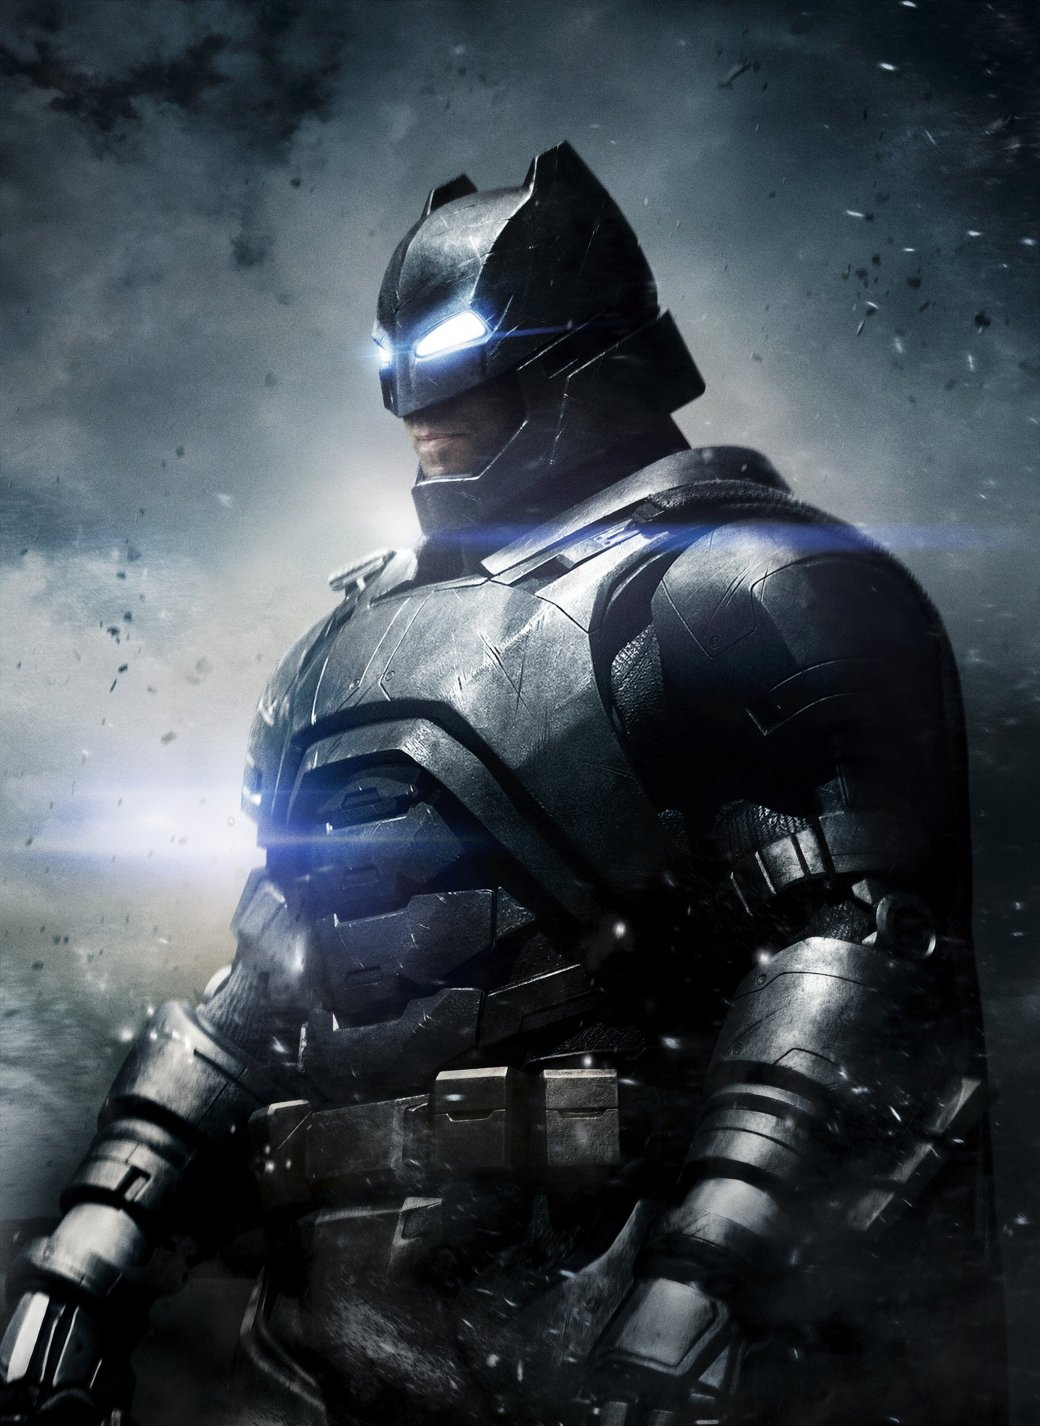 Рецензия на «Бэтмен против Супермена: На заре справедливости» - Изображение 25